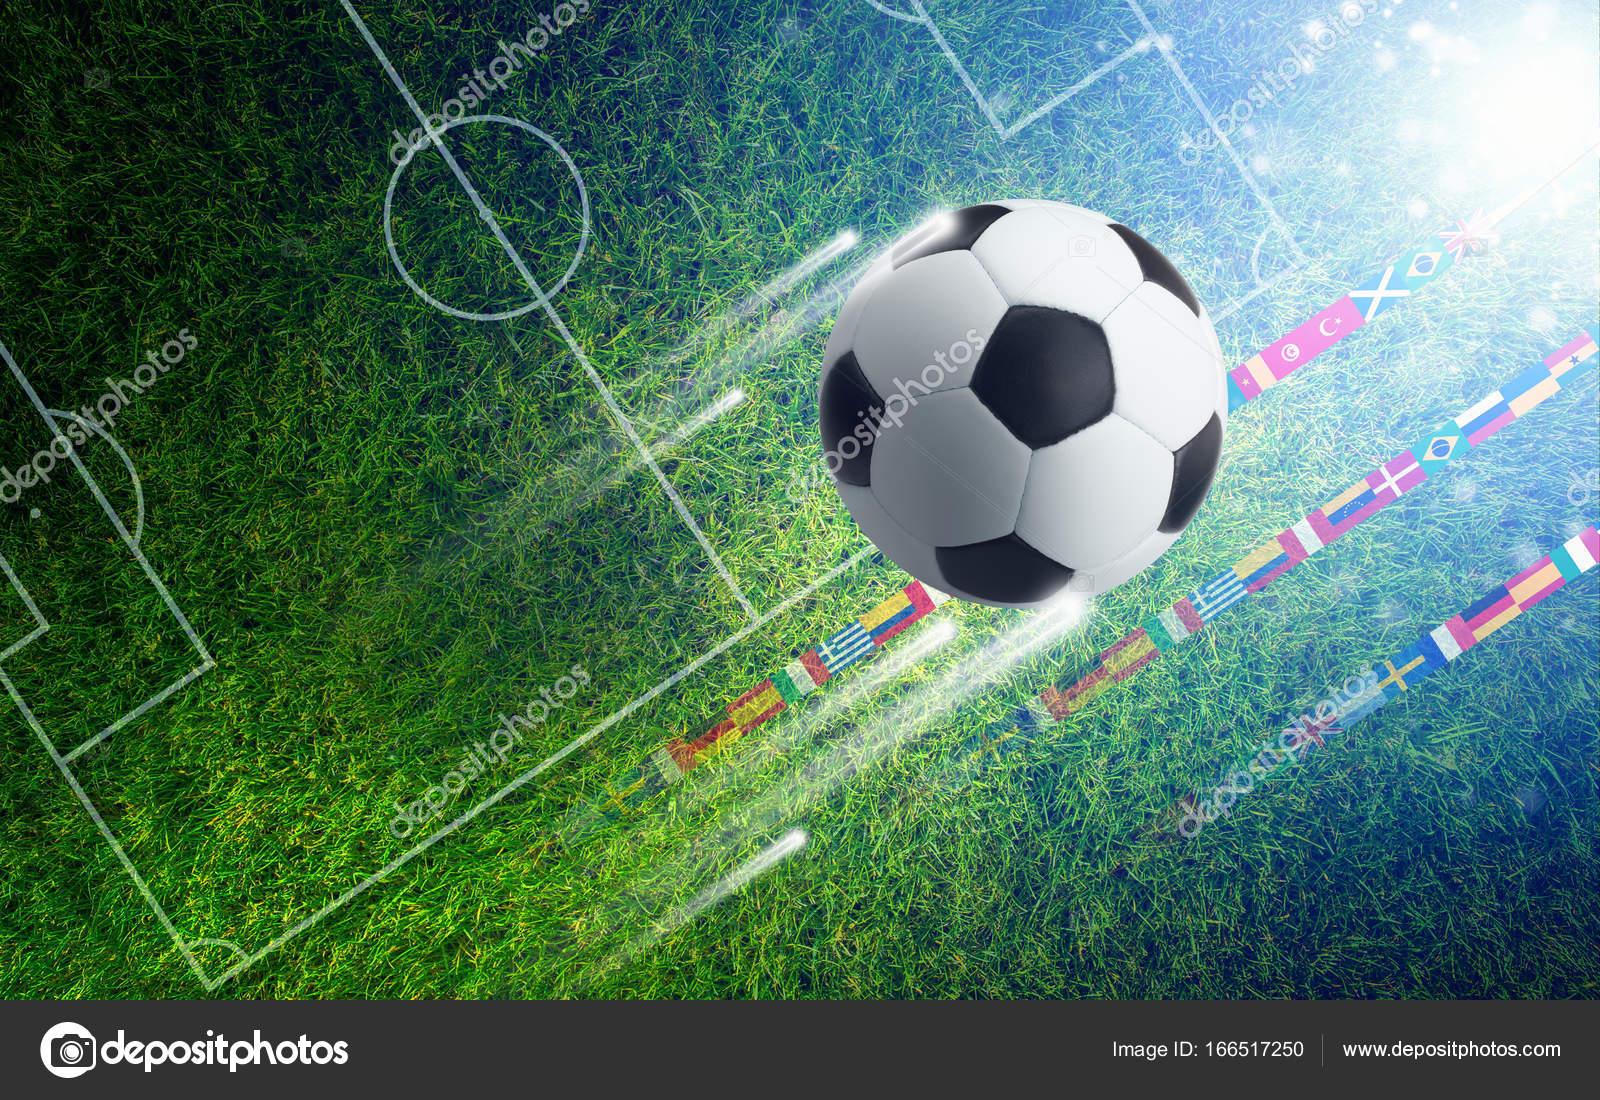 Balones De Fútbol Deportes Fondos De Pantalla Gratis: Balón De Fútbol En El Campo De